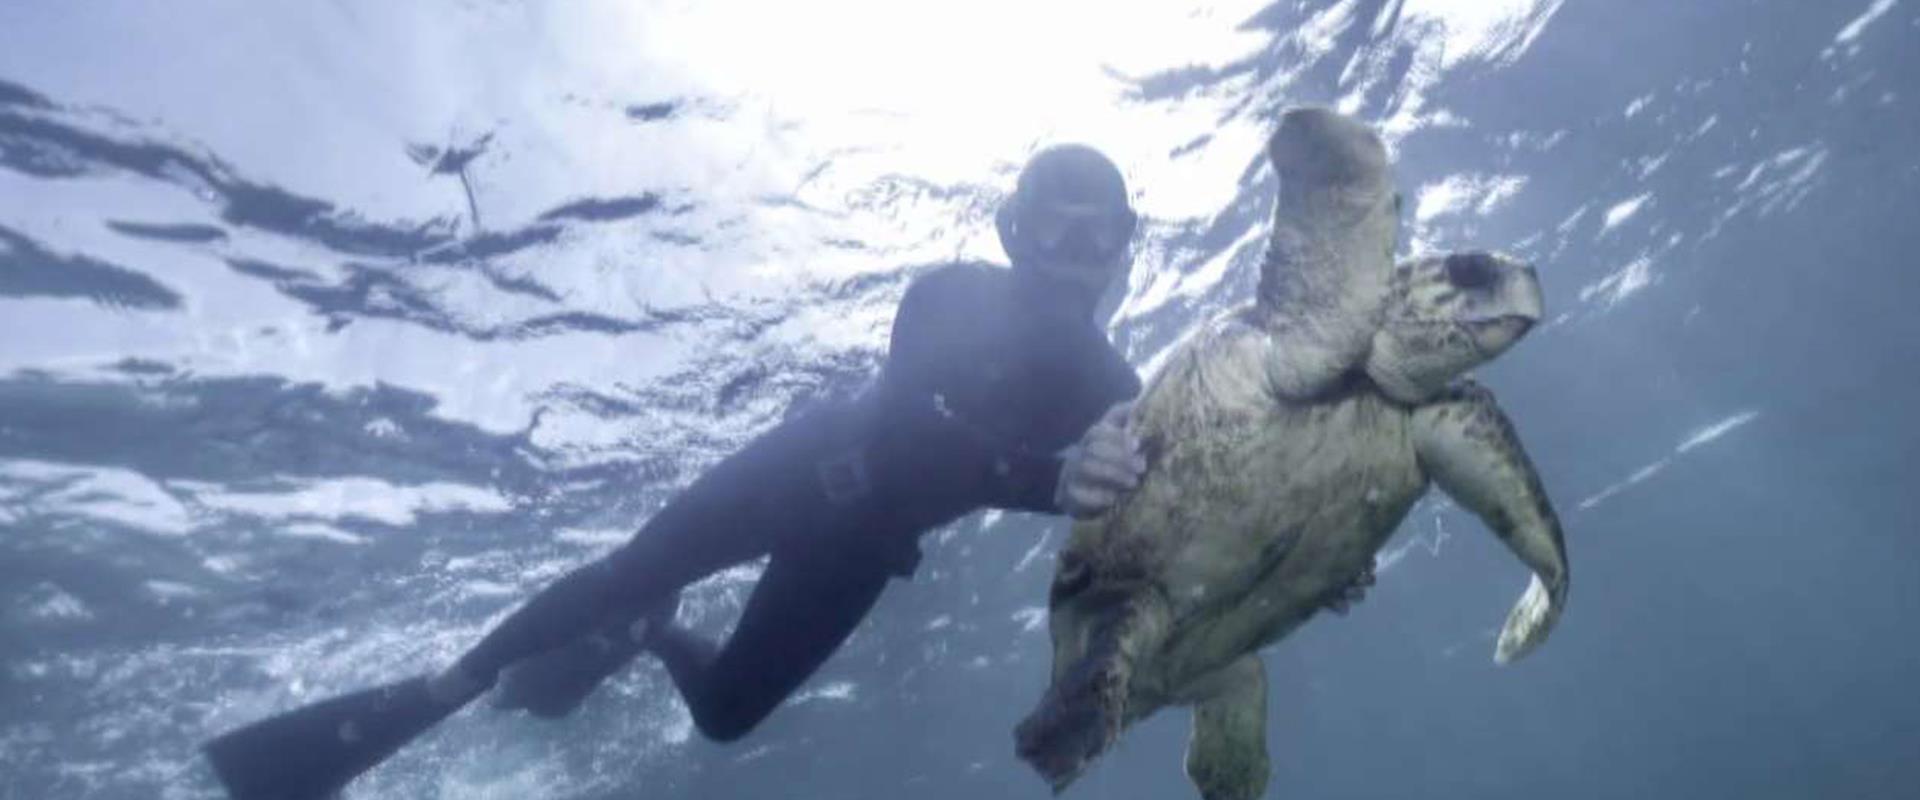 חילוץ בלב ים: הצוללנים שהצילו את חייו של הצב